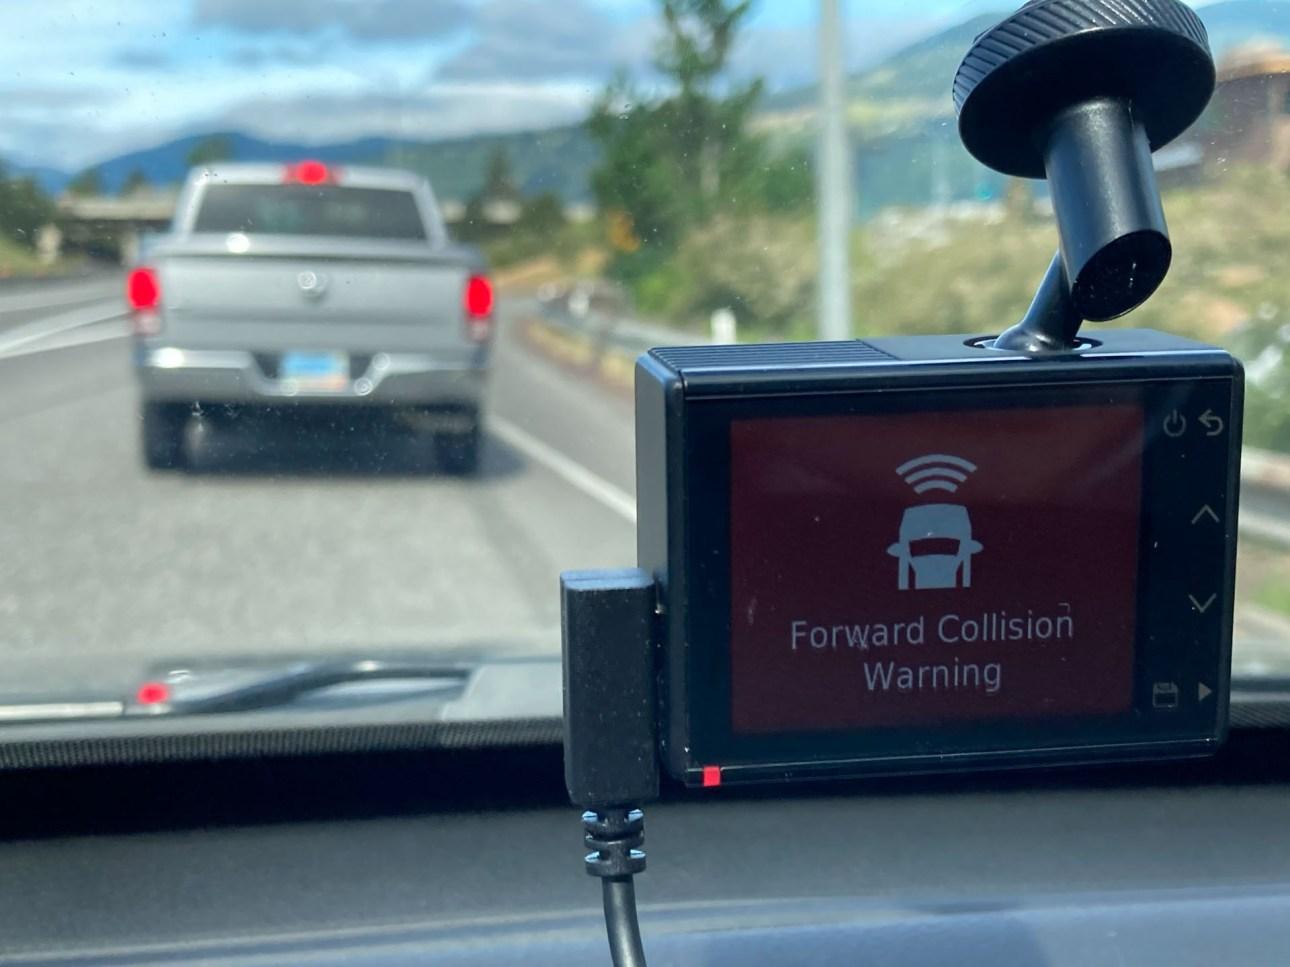 Предупреждение о столкновении с видеорегистратором Garmin Dash Cam 66W